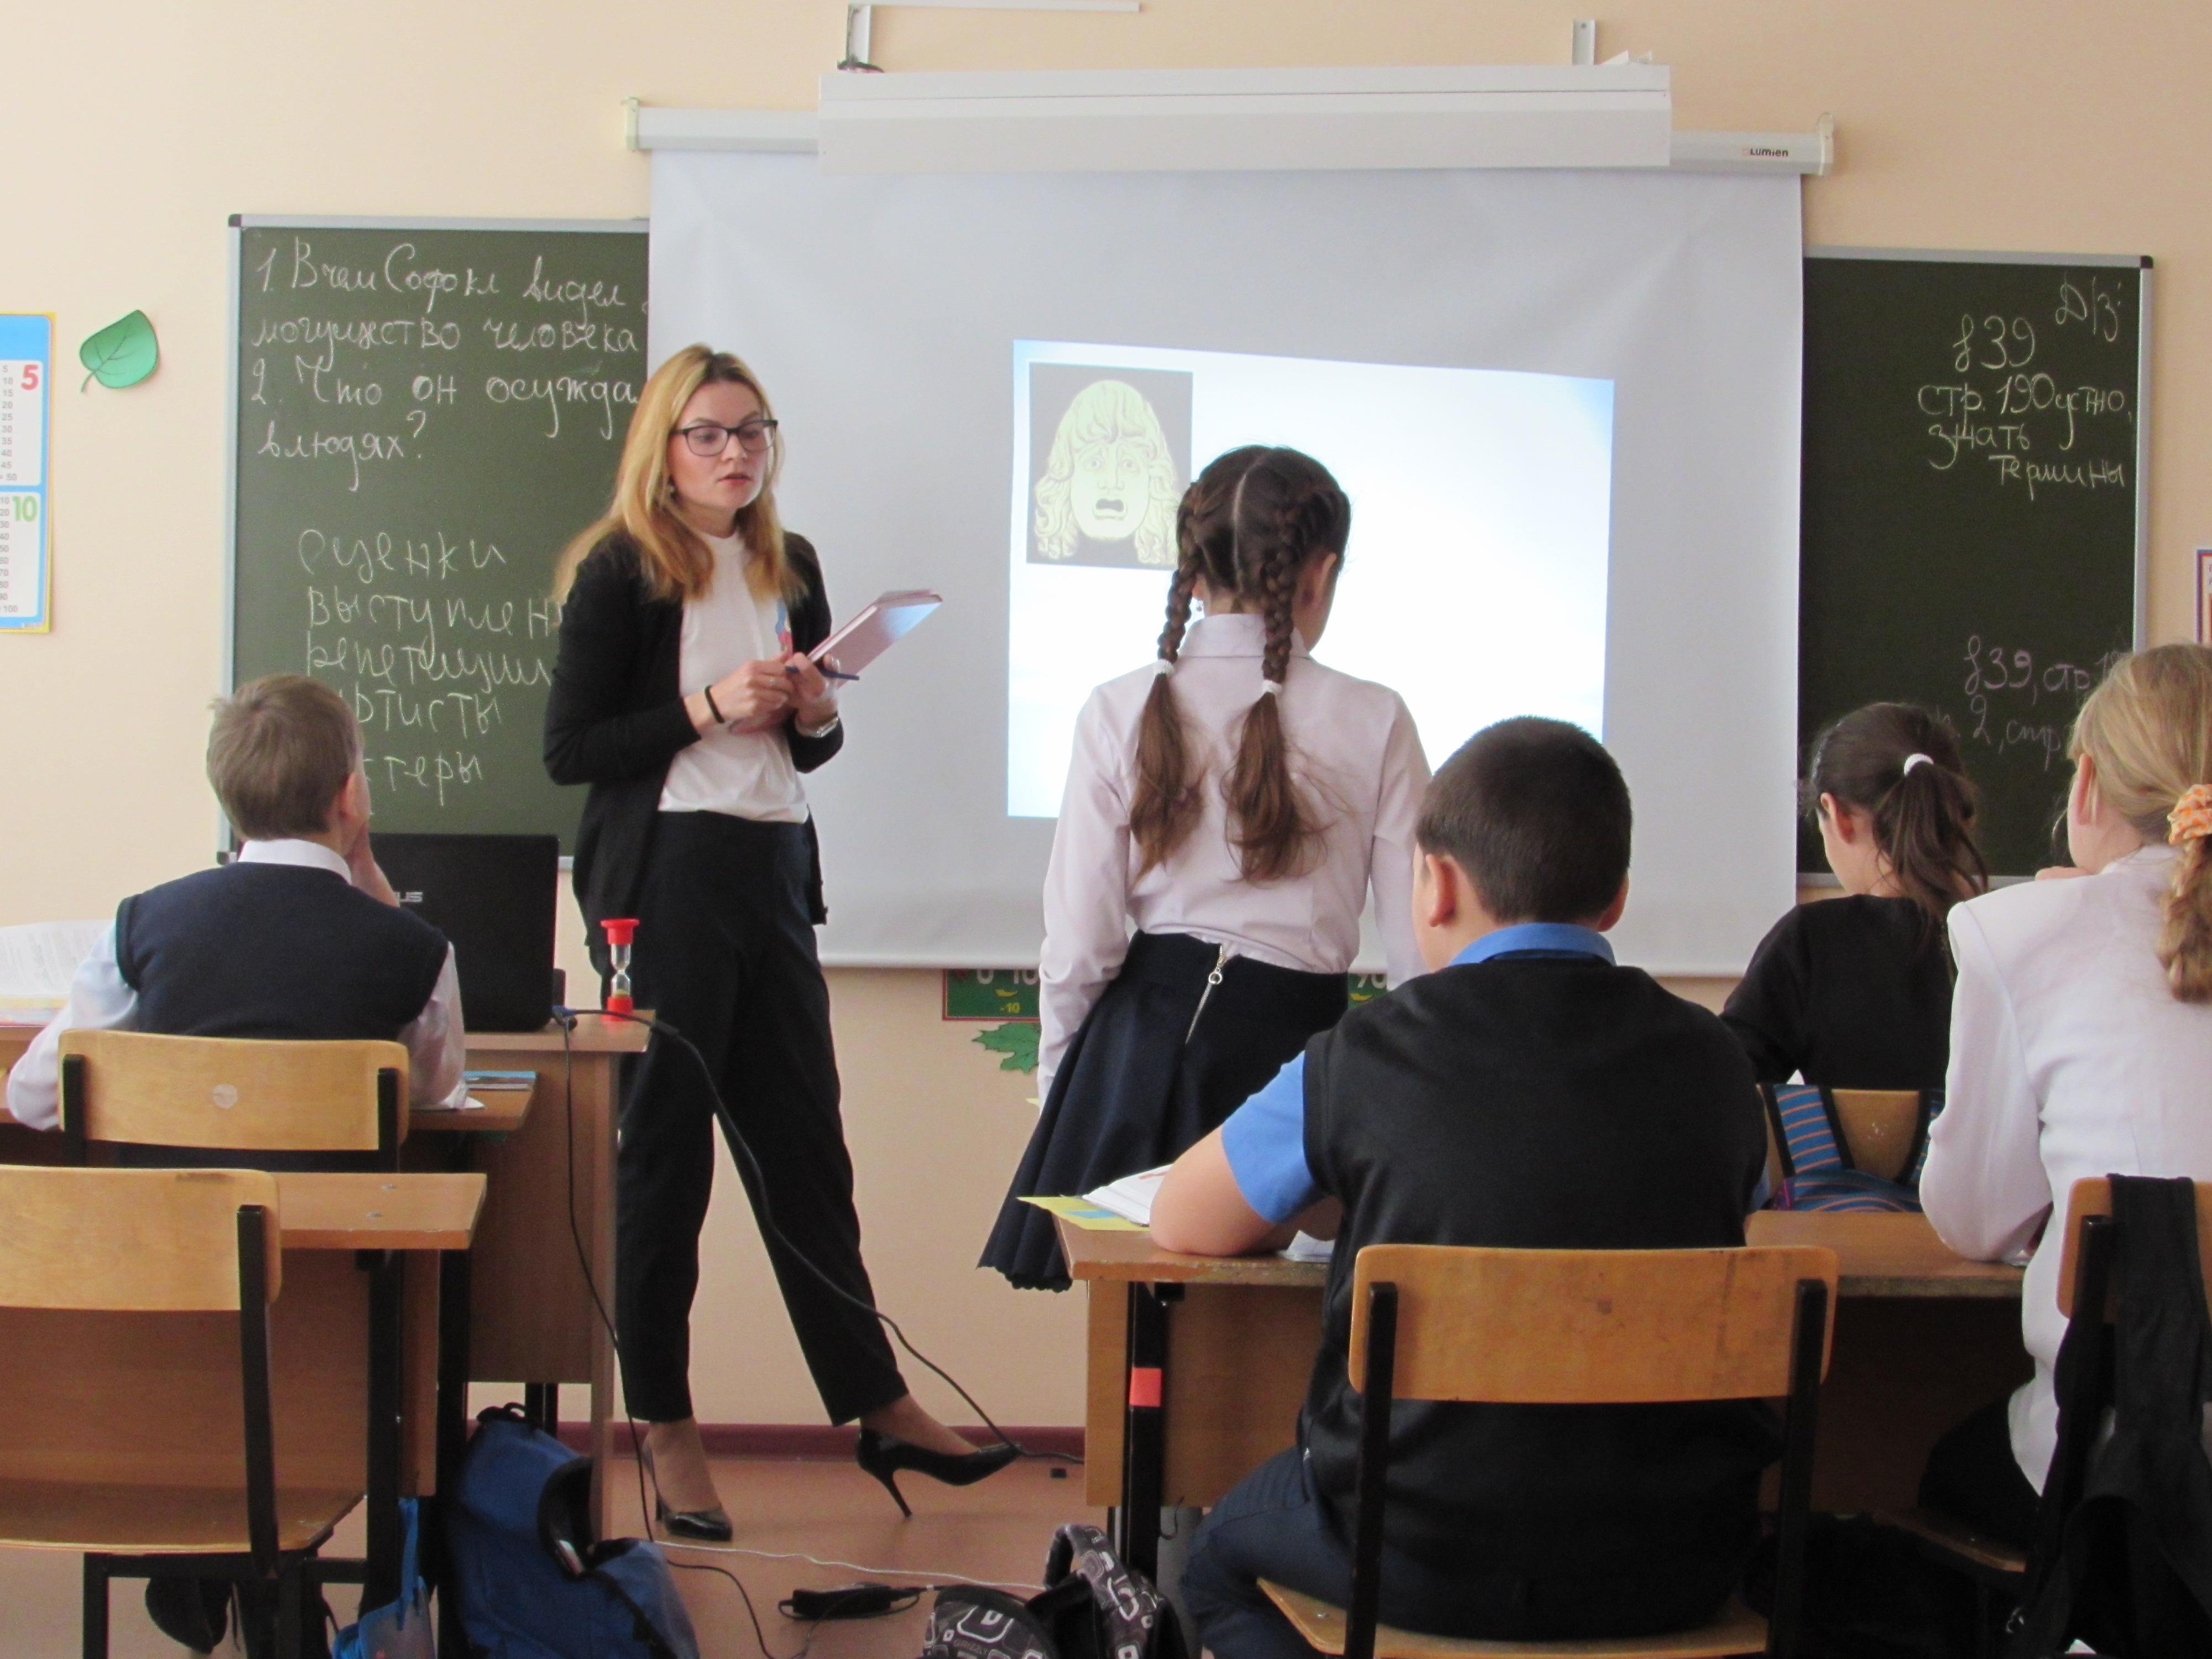 27 февраля в нашей школе прошел открытый урок по истории в 5 классе на тему театр в древней греции